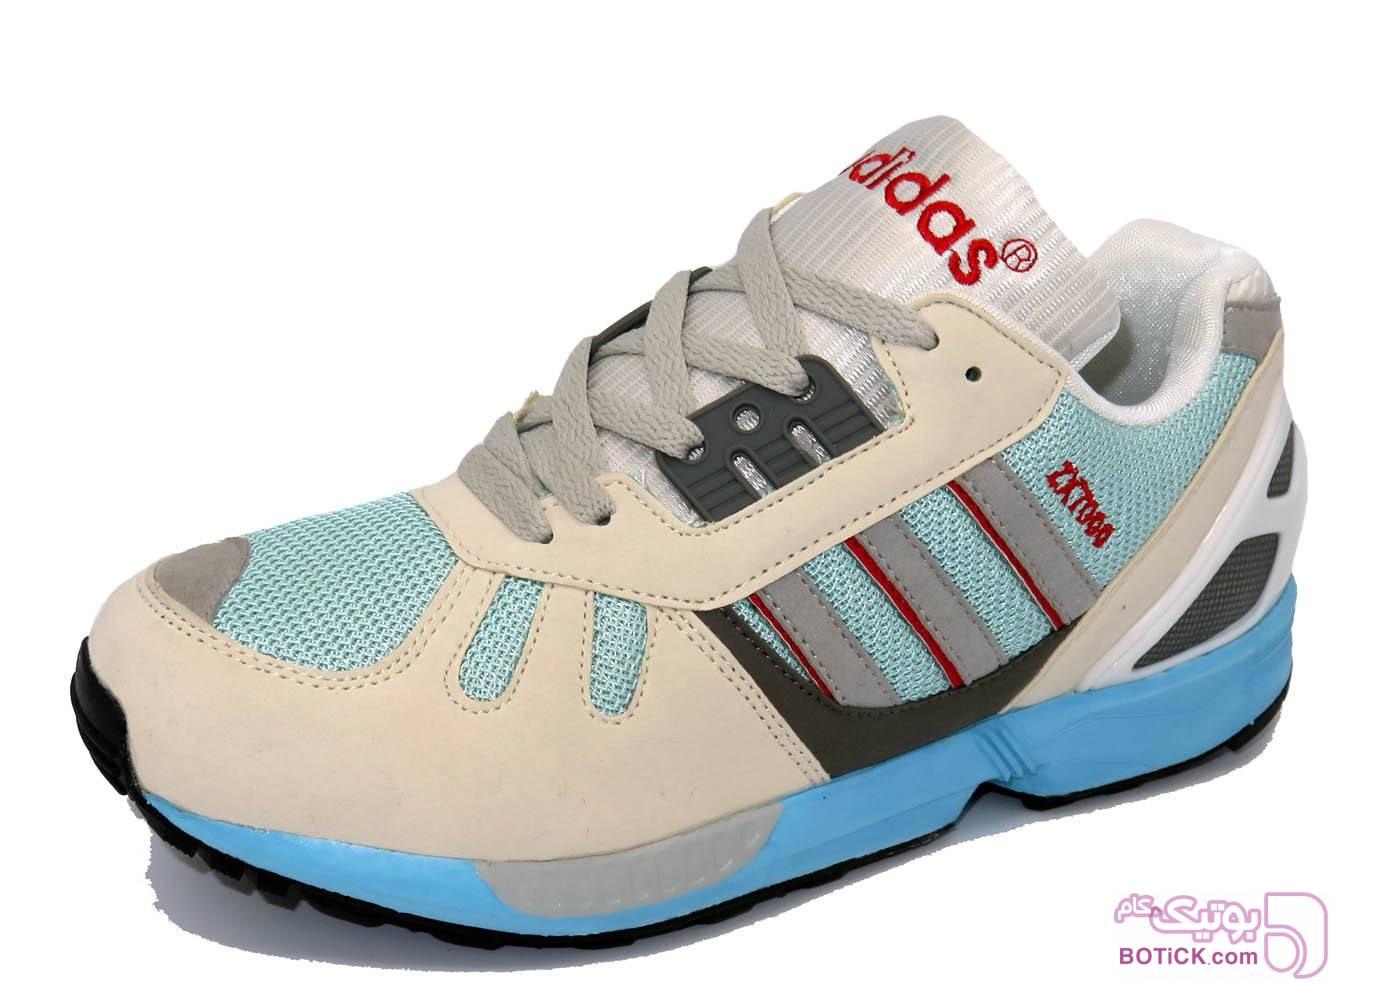 کفش و کتونی اسپرت مردانه آدیداس مدل Adidas ZX7000 آبی كتانی مردانه